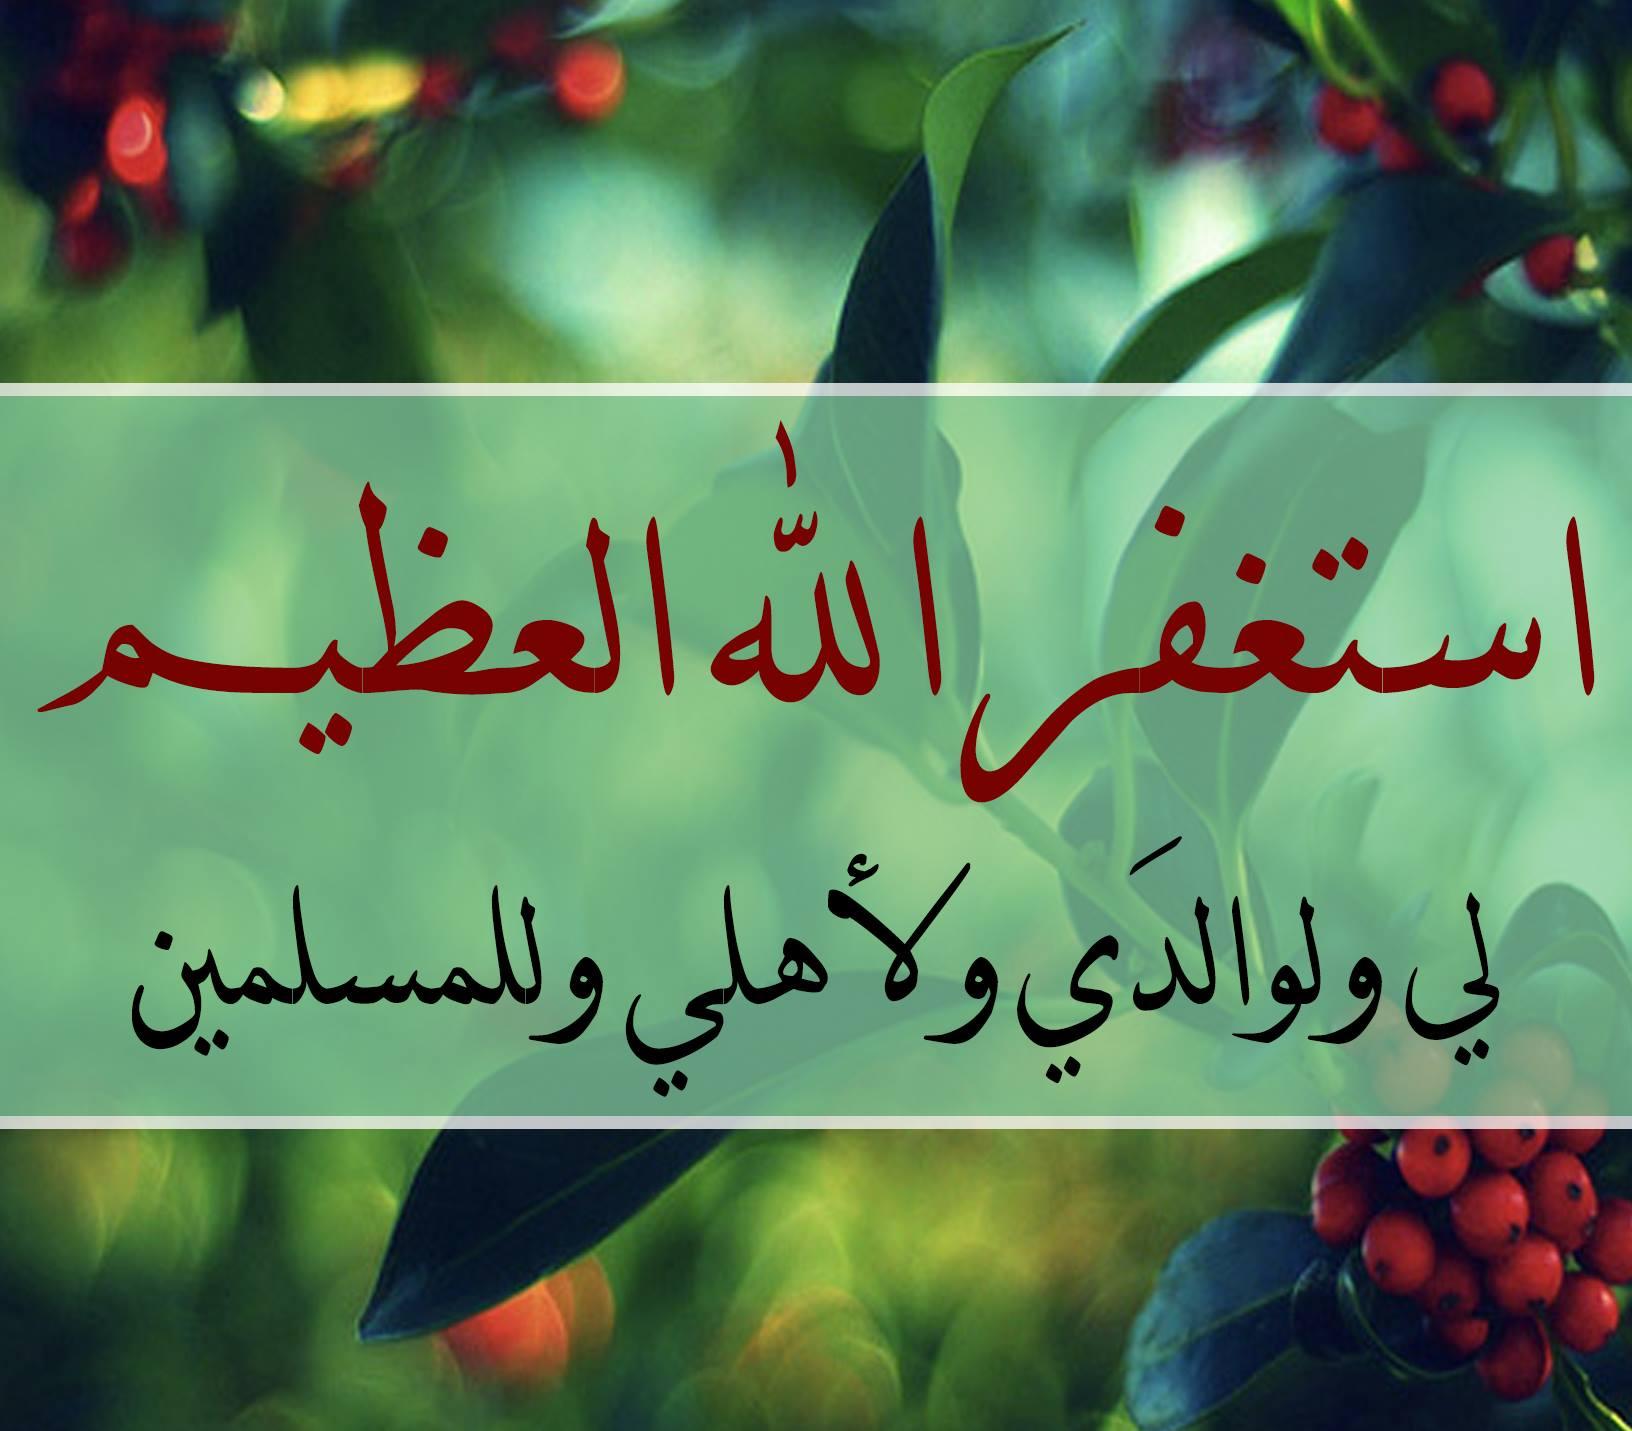 بالصور صور دينيه حلوه , اجمل الصور الدينيه المميزه 3600 4